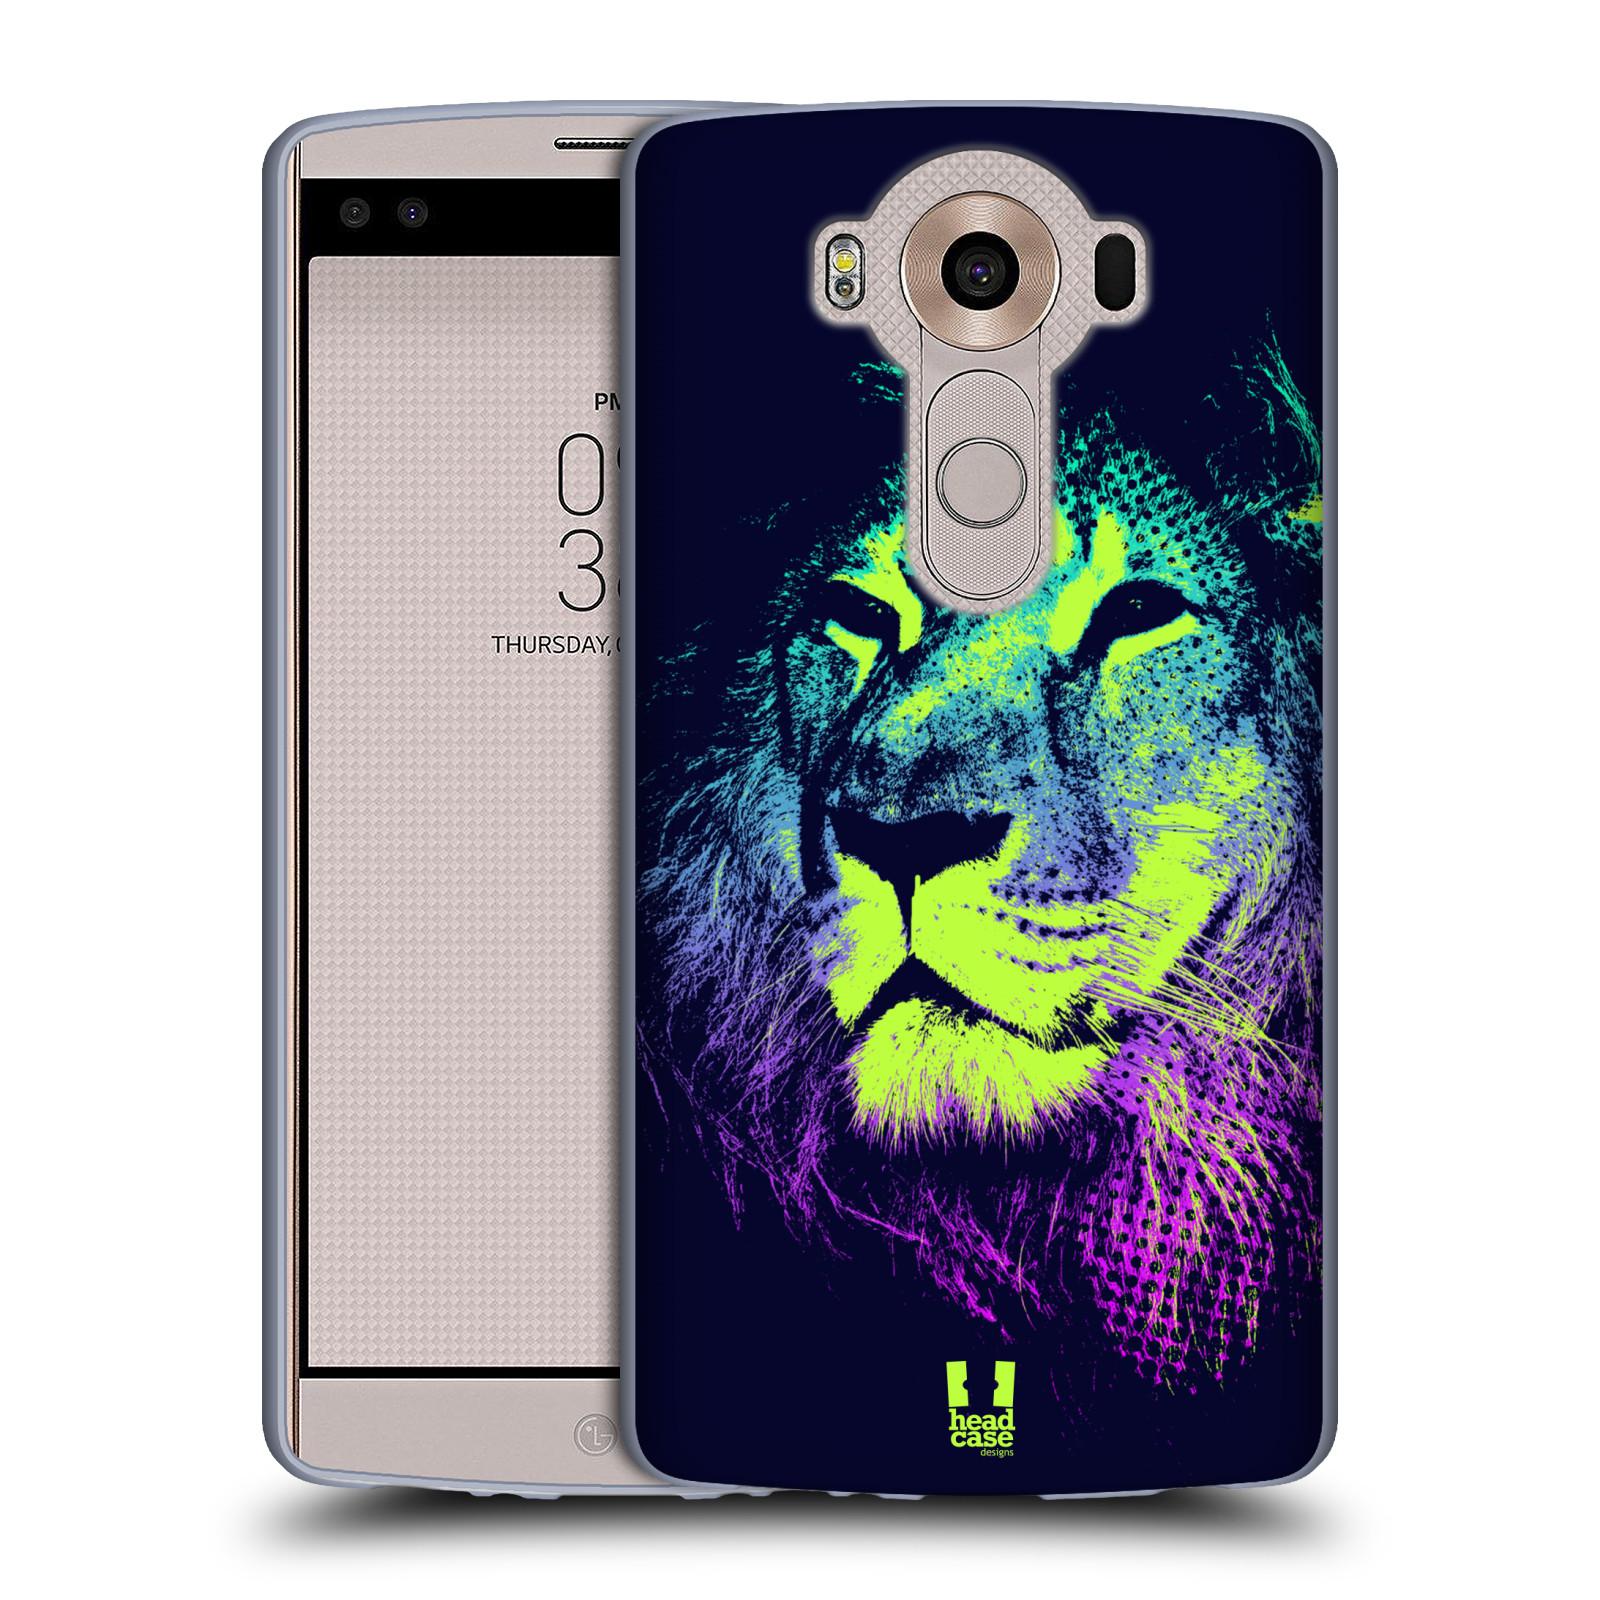 Silikonové pouzdro na mobil LG V10 HEAD CASE POP PRINT LEV (Silikonový kryt či obal na mobilní telefon LG V10 H960 / H960A)